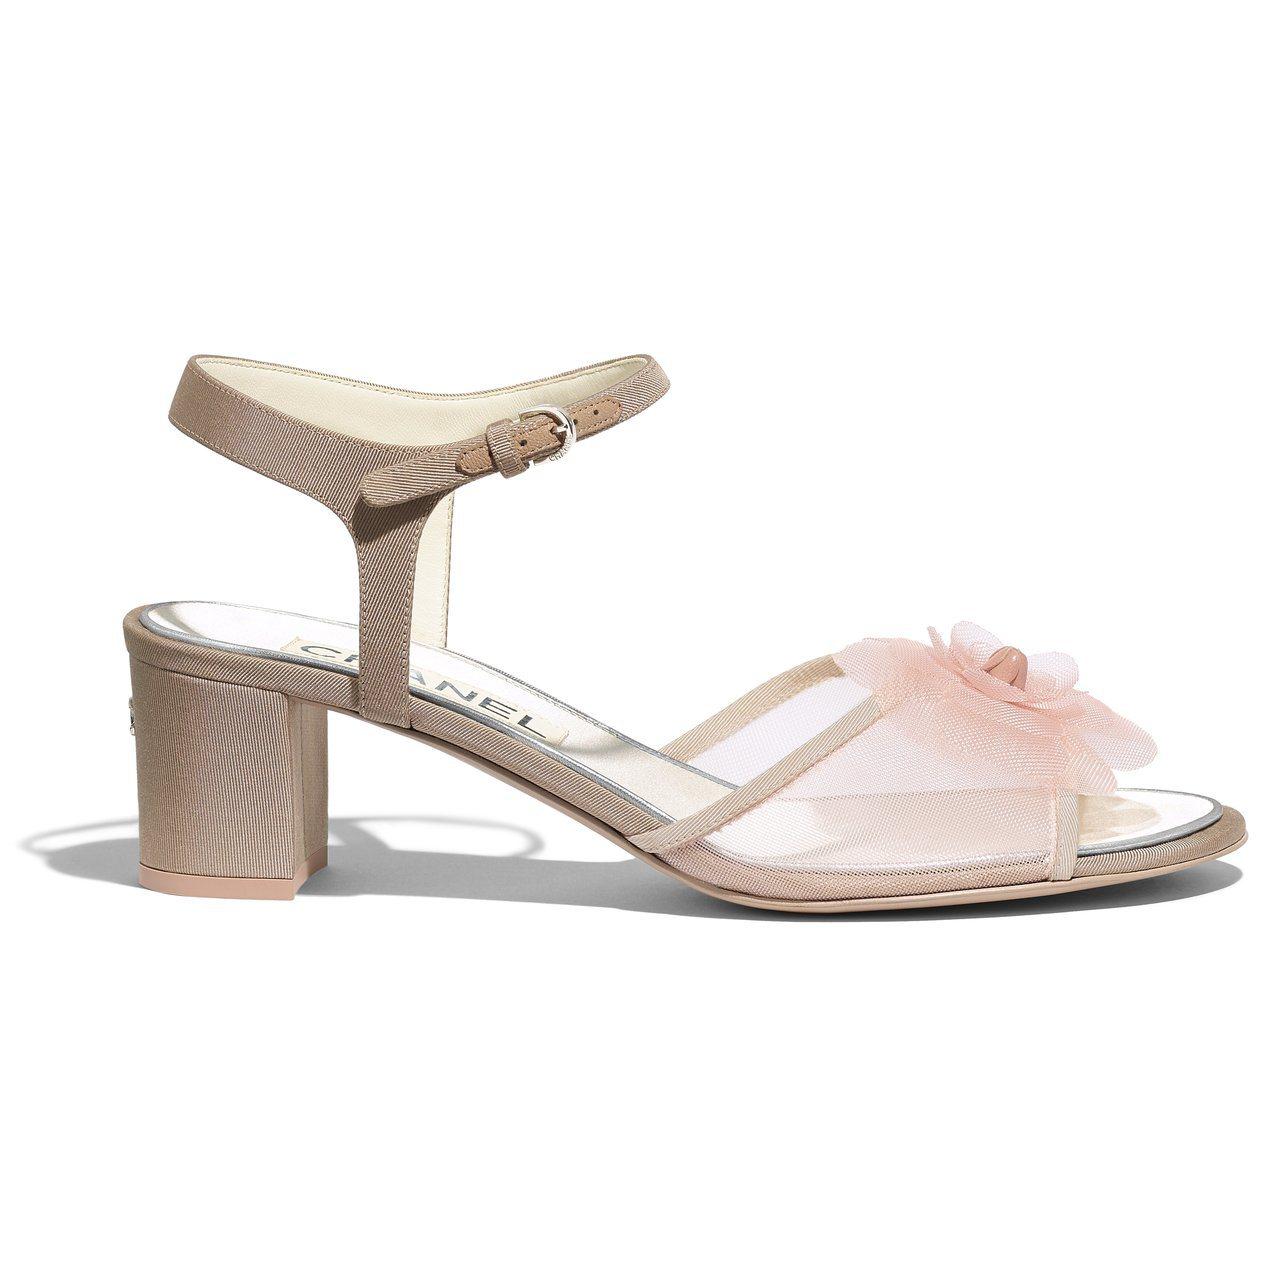 粉色網紗花朵低跟涼鞋,28,800元。圖/香奈兒提供